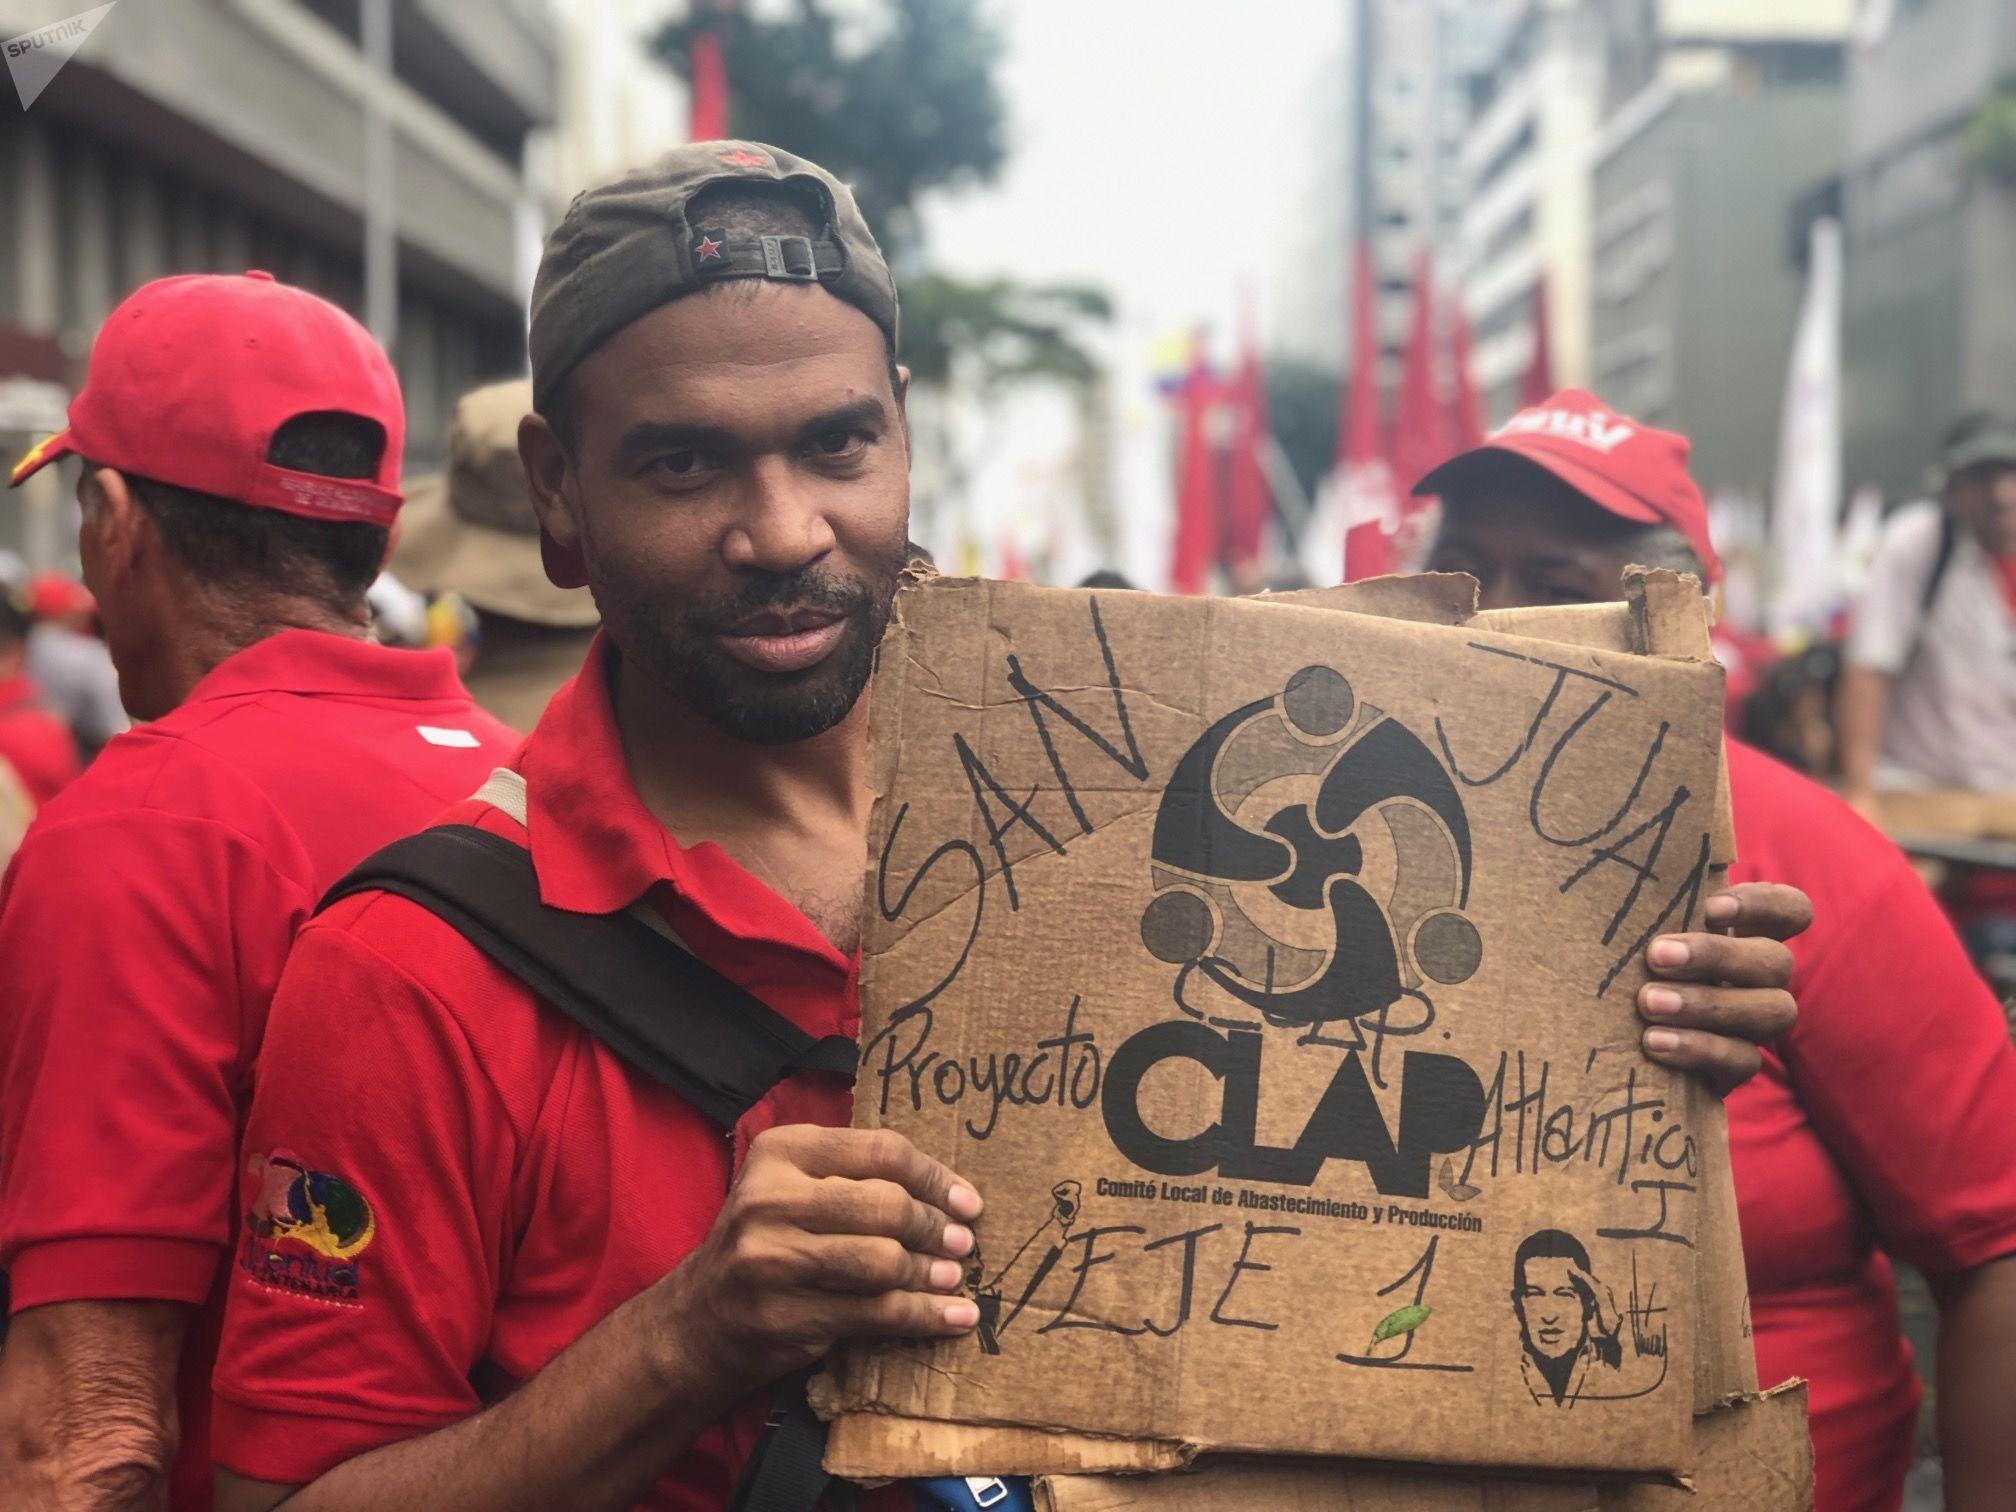 La marcha a favor de los CLAPs en Caracas, este 8 de junio